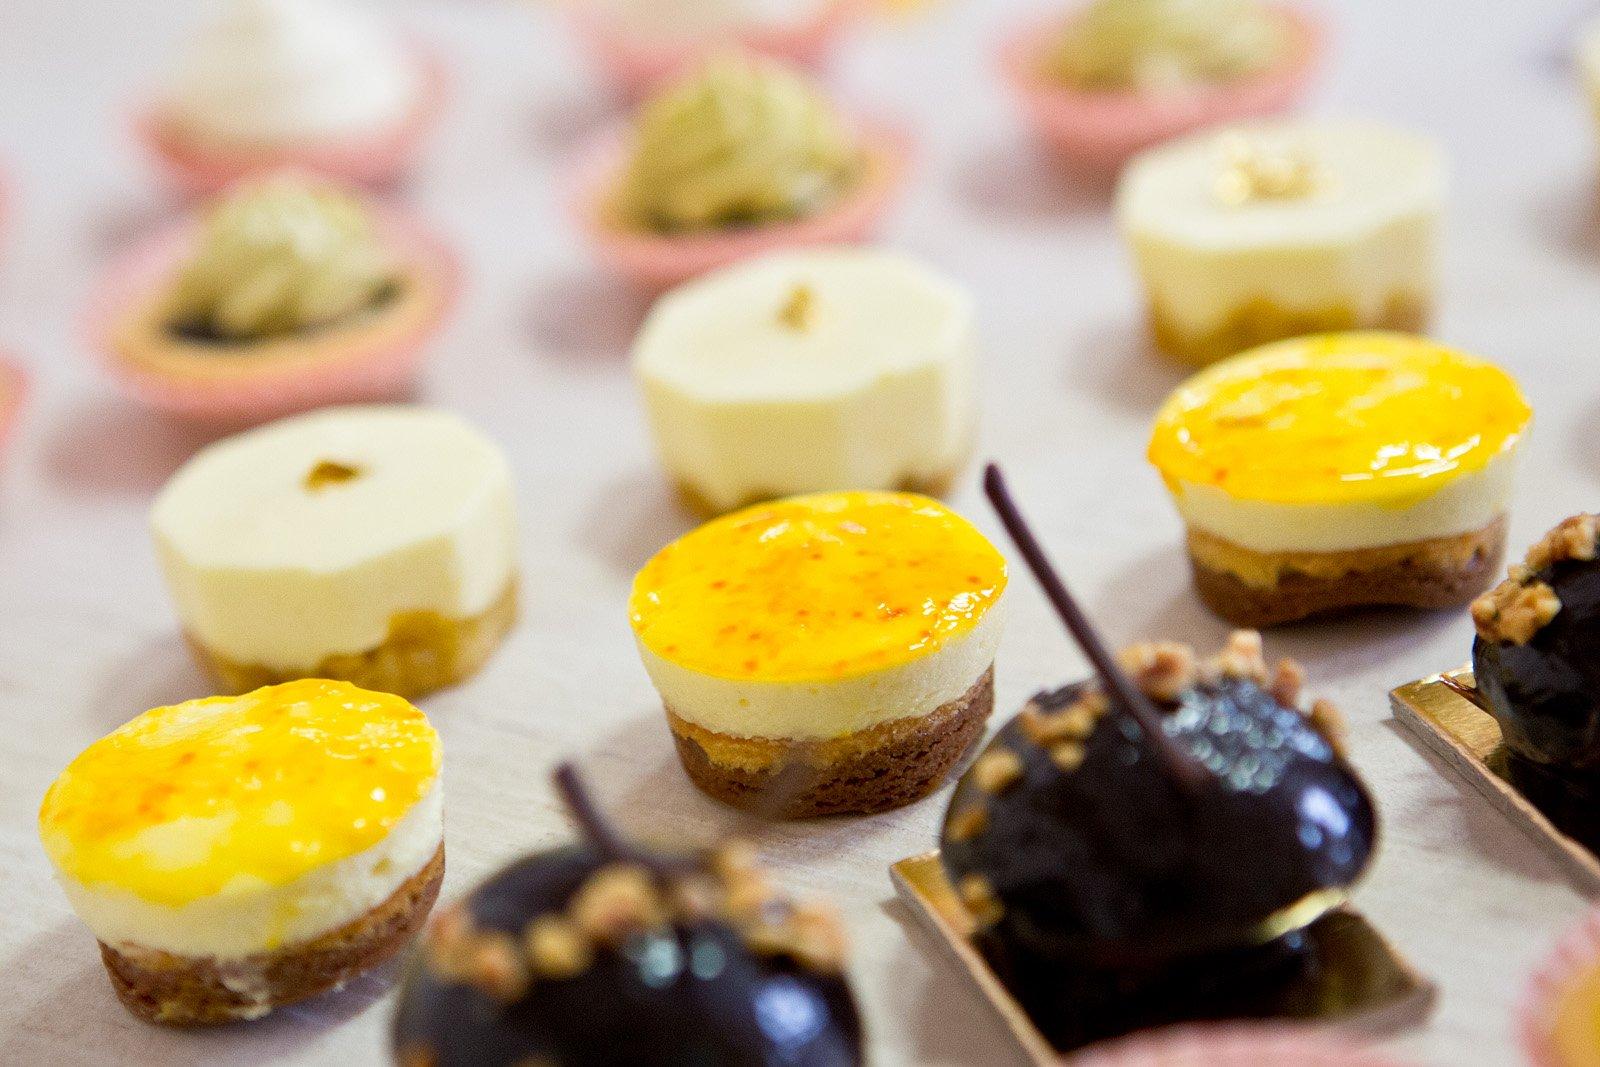 Alma scuola cucina on twitter come resistere alla dolcezza di almaschool vieni all 39 open day - Alma scuola cucina costo ...